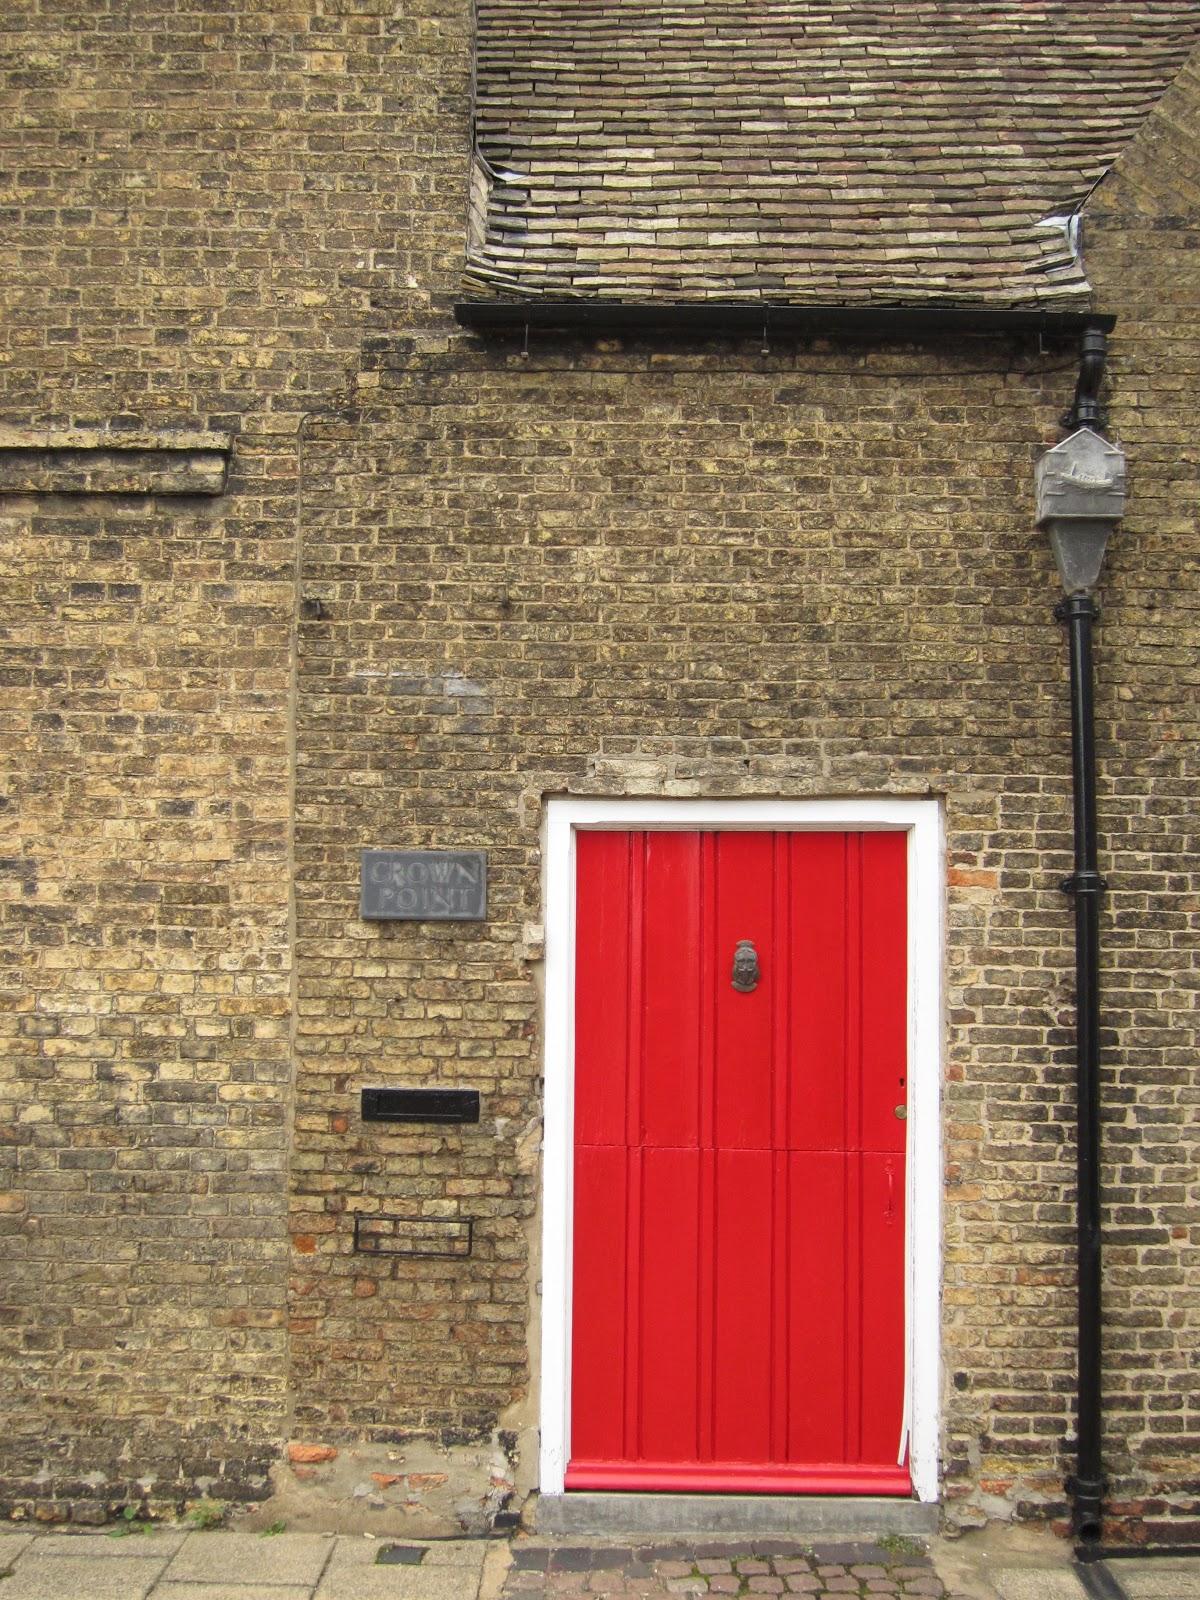 Dolcetti dal mondo foto ely - La porta rossa film completo ...